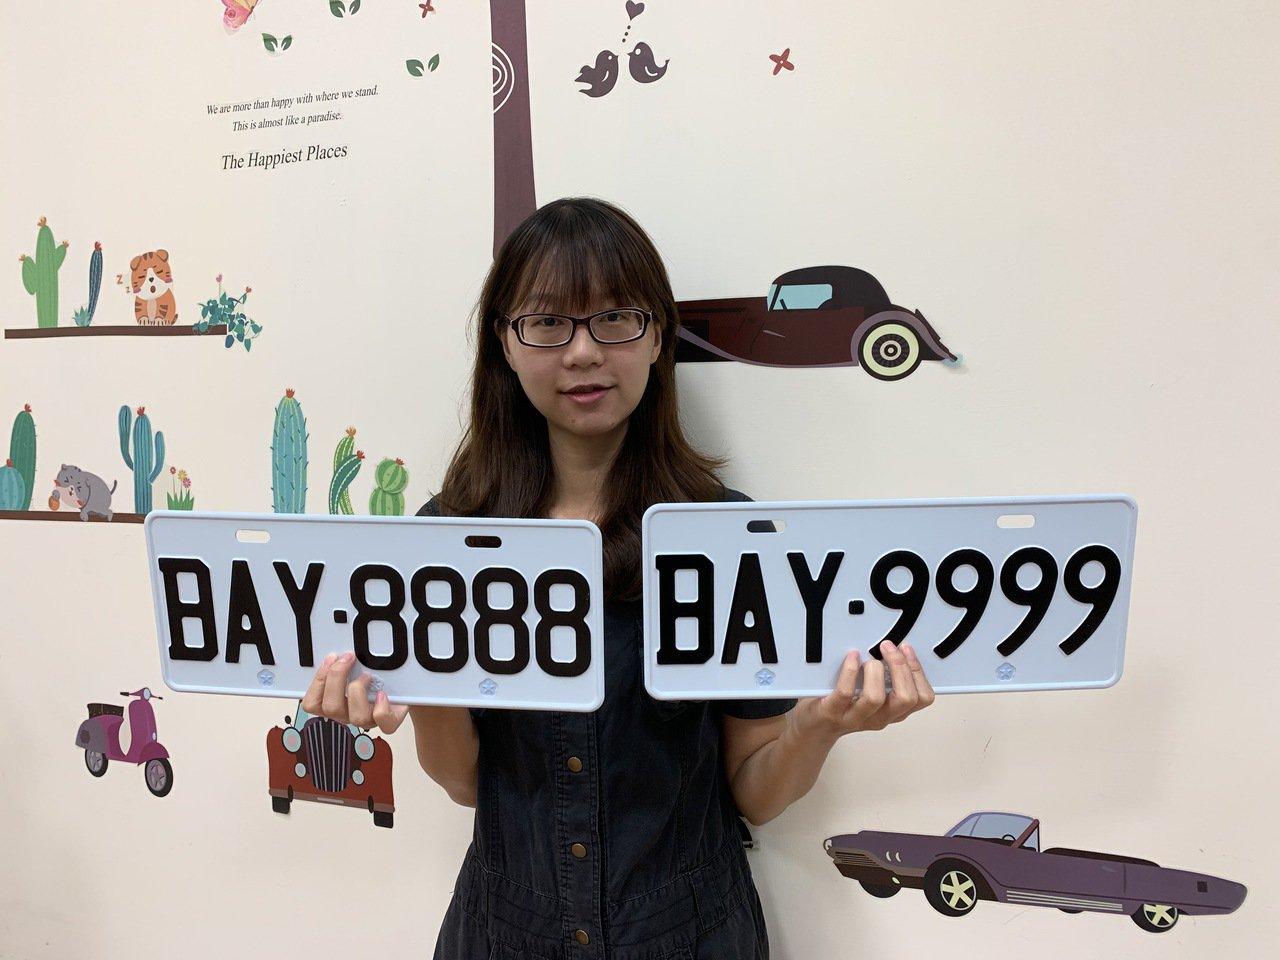 嘉義區監理所上午起接連三天,舉辦代碼BAY的新式自用小型車號牌網路競標,最熱門的...